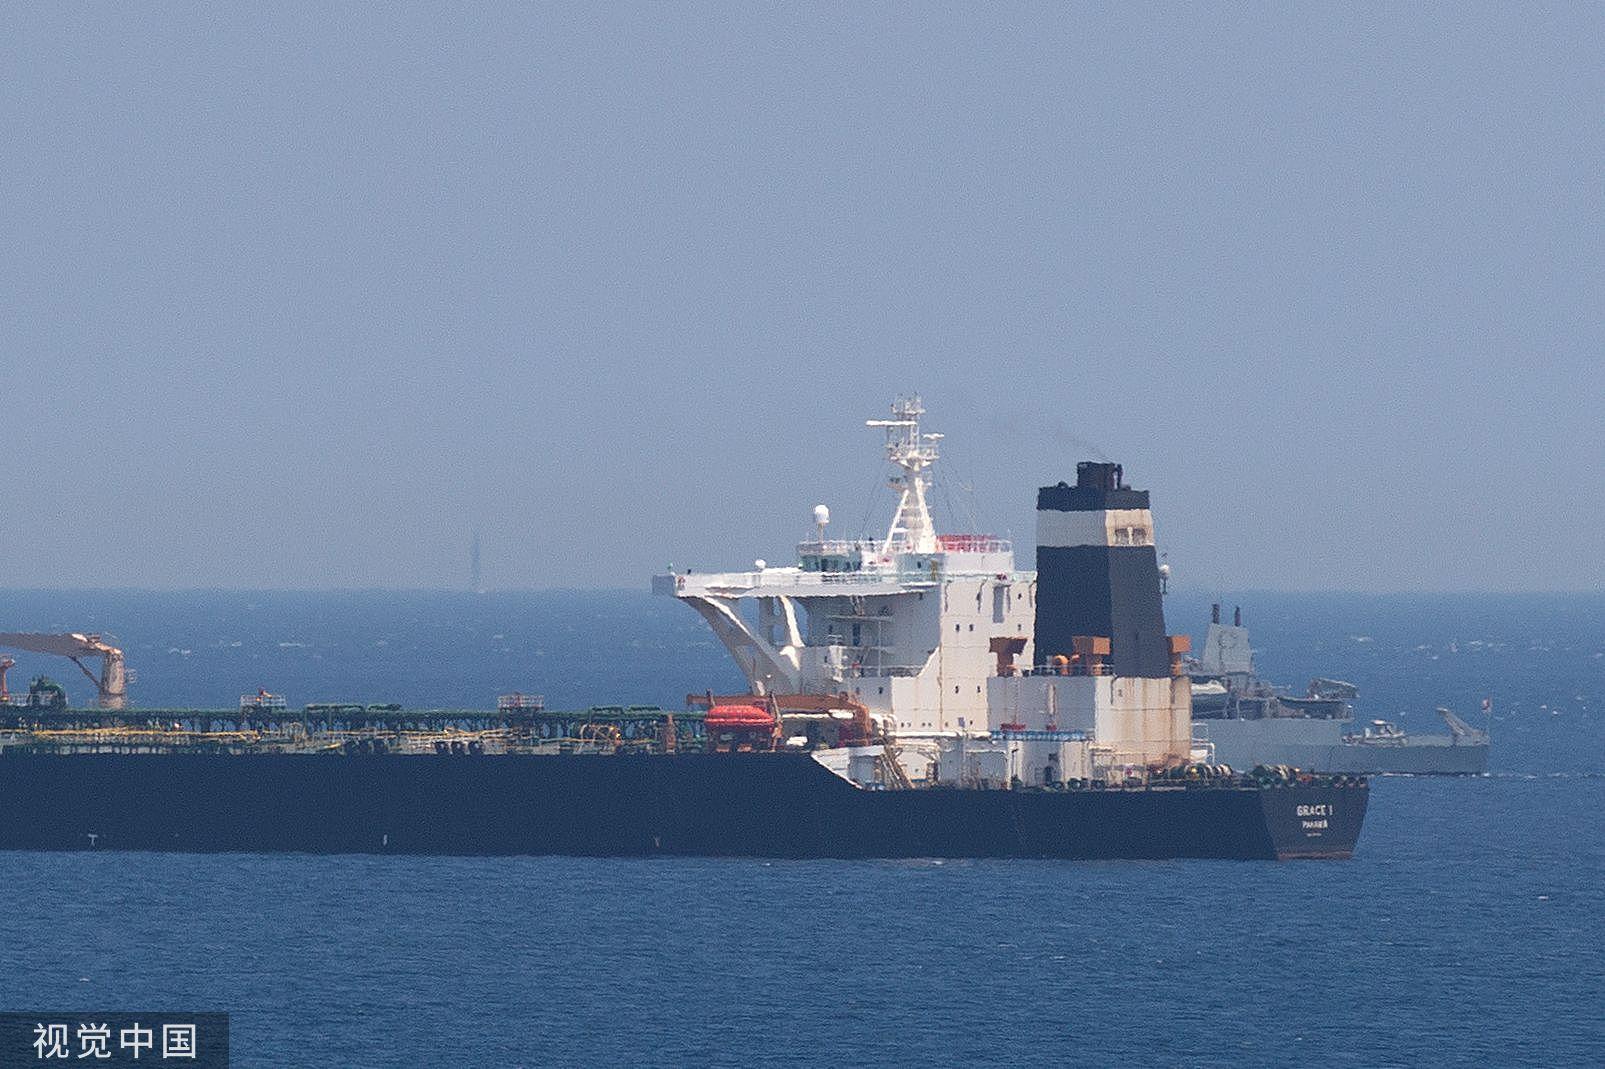 伊朗要求英國釋放被扣油輪 海灣地區英國船只進入最高警戒